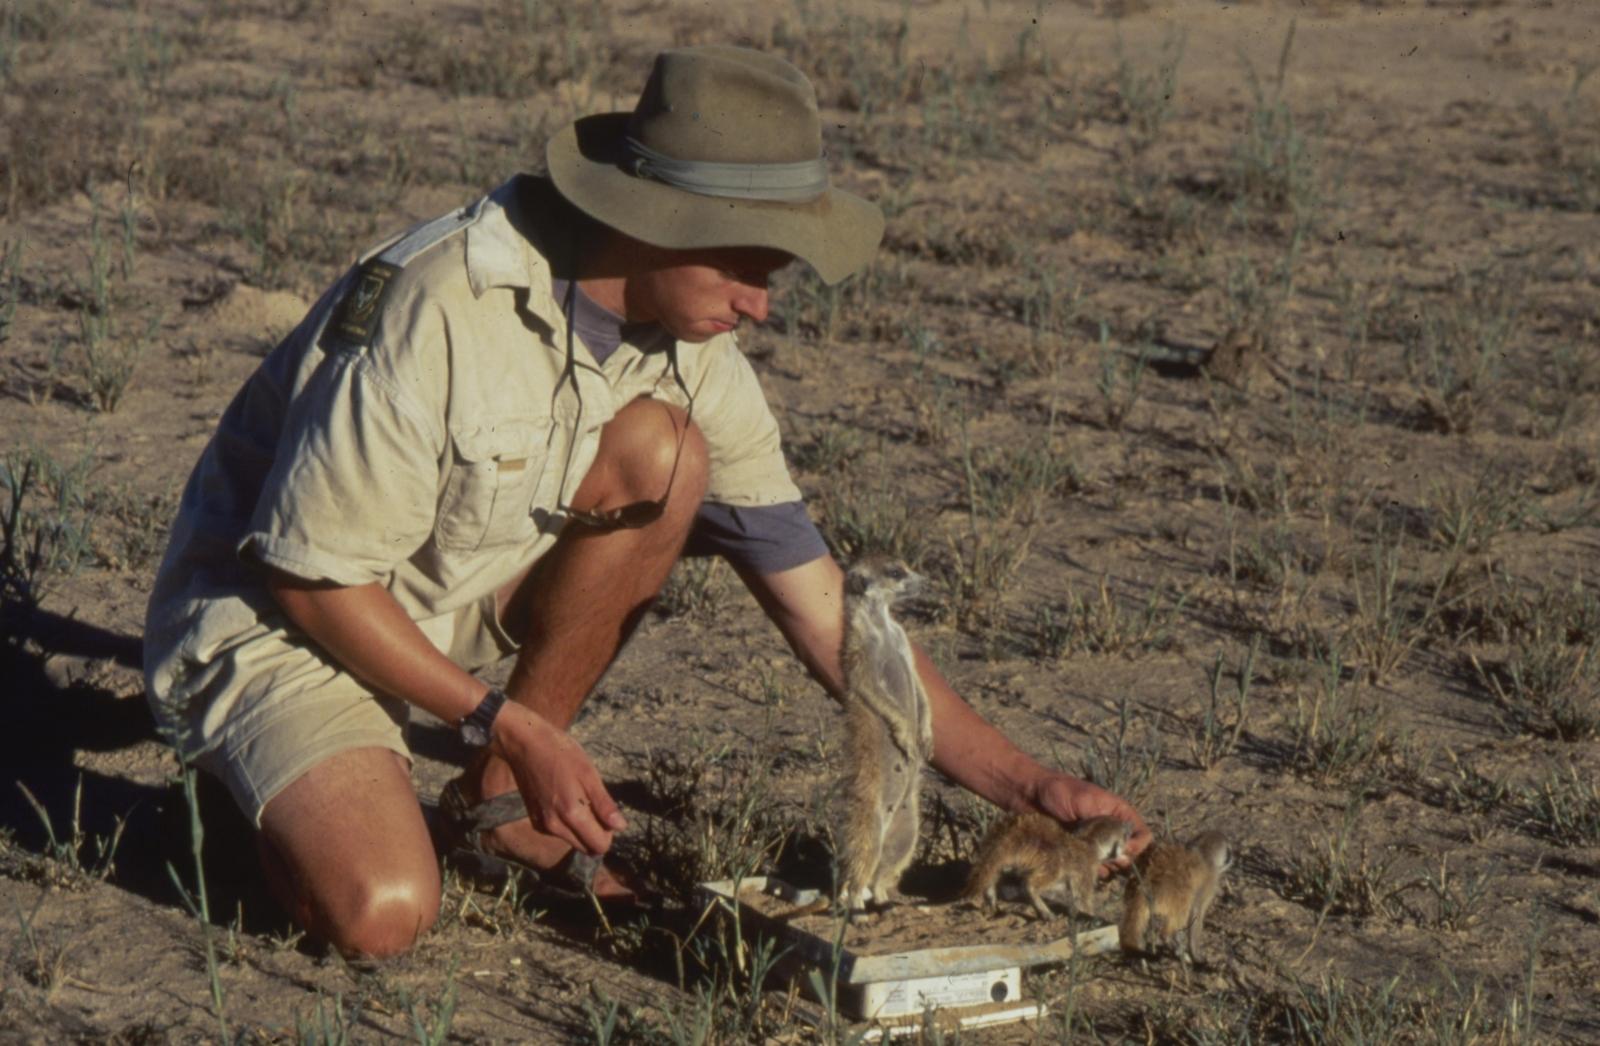 meerkats being weighed